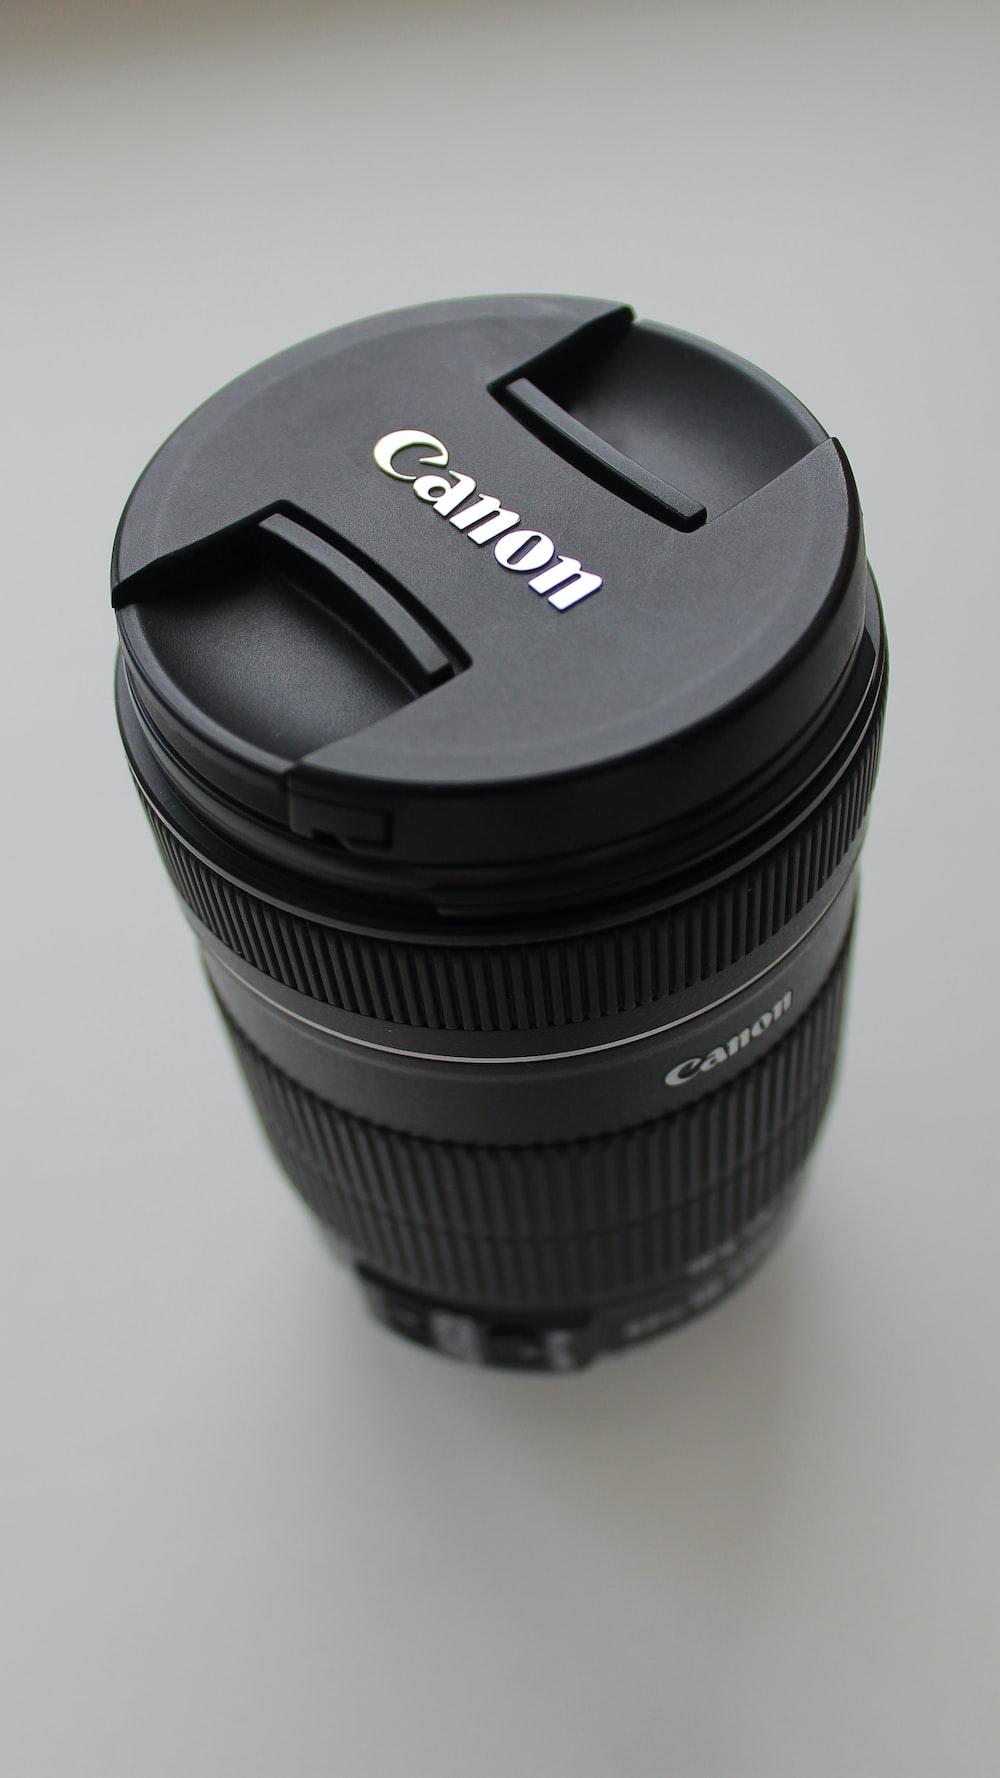 black Canon DSLR camera lens on white tabletop